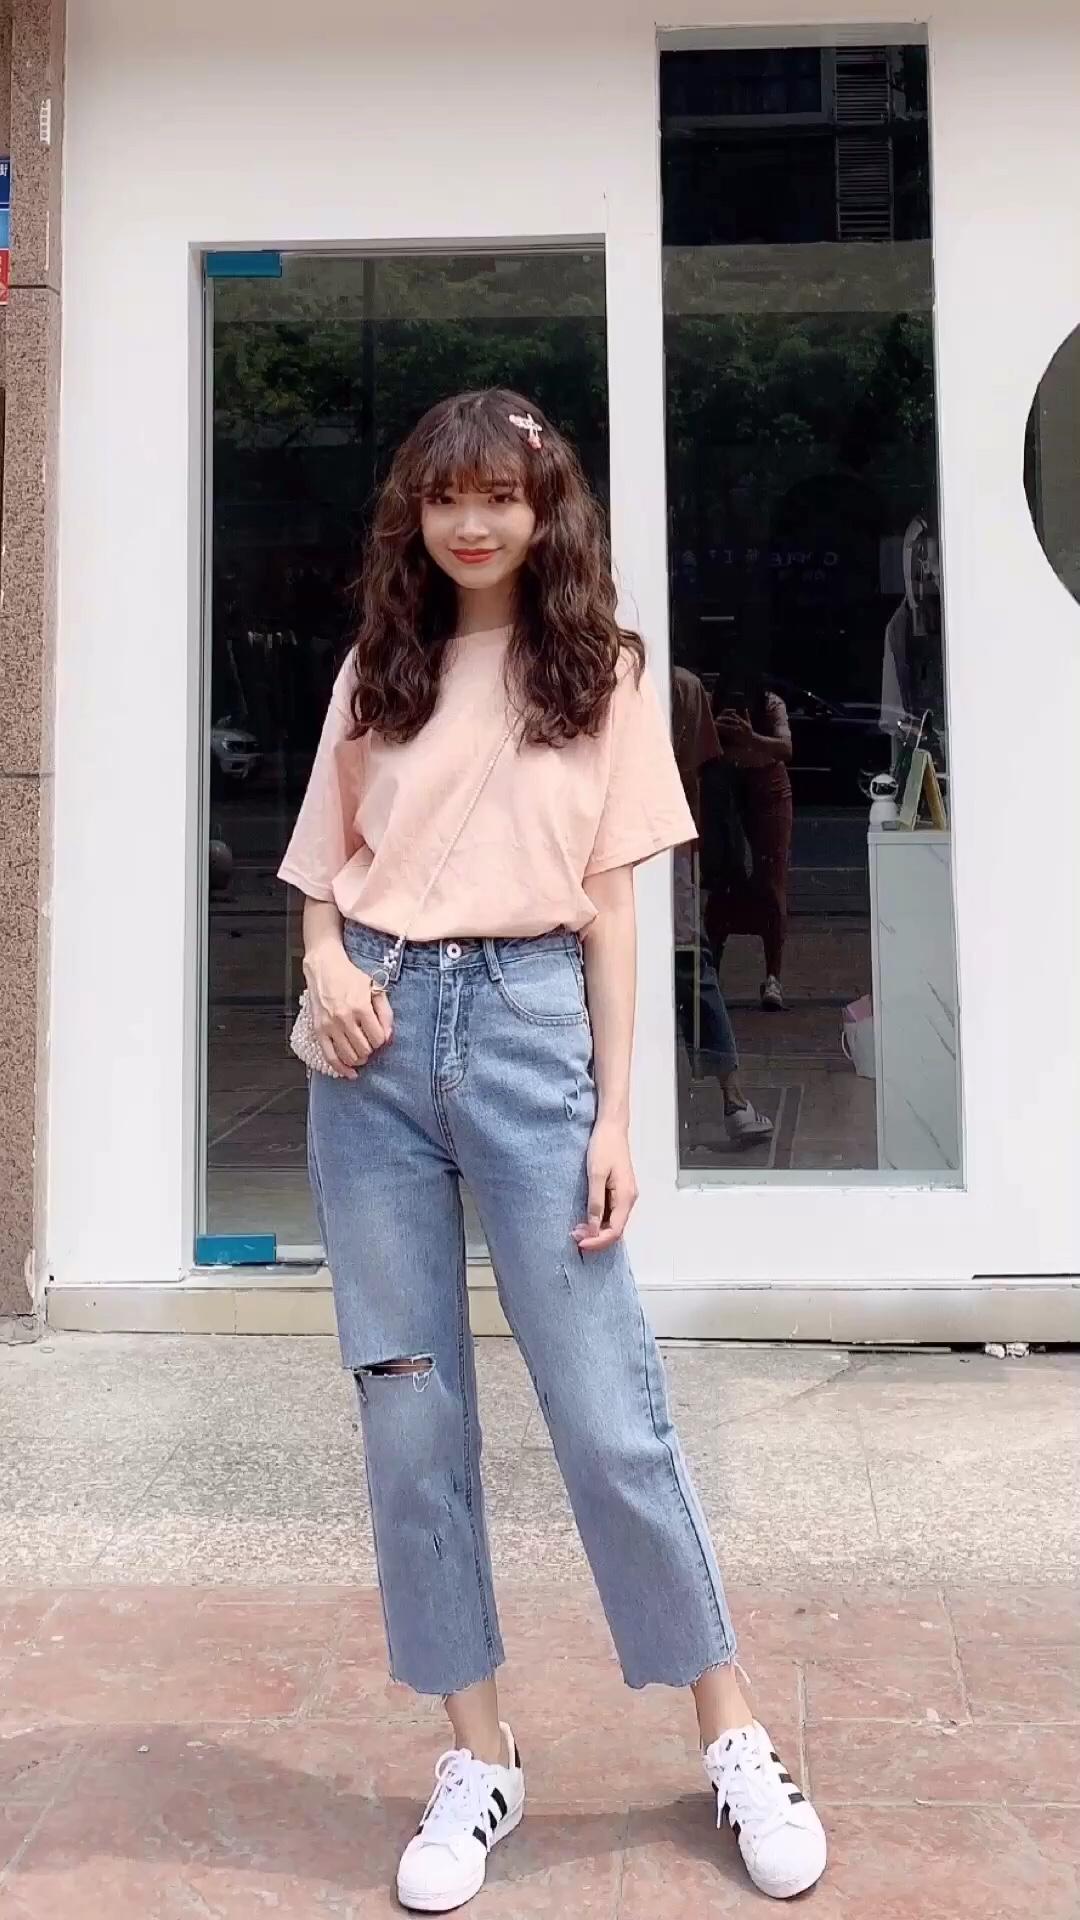 #请站队:哪种颜色代表夏天# 🌸粉红色,当之无愧的夏天色啦~搭配这个超可爱的串珠水晶包,无敌好看,少女心满满,这种长度的牛仔裤穿起来也很舒服的,但是不太适合臀部偏胖的MM哈🍉